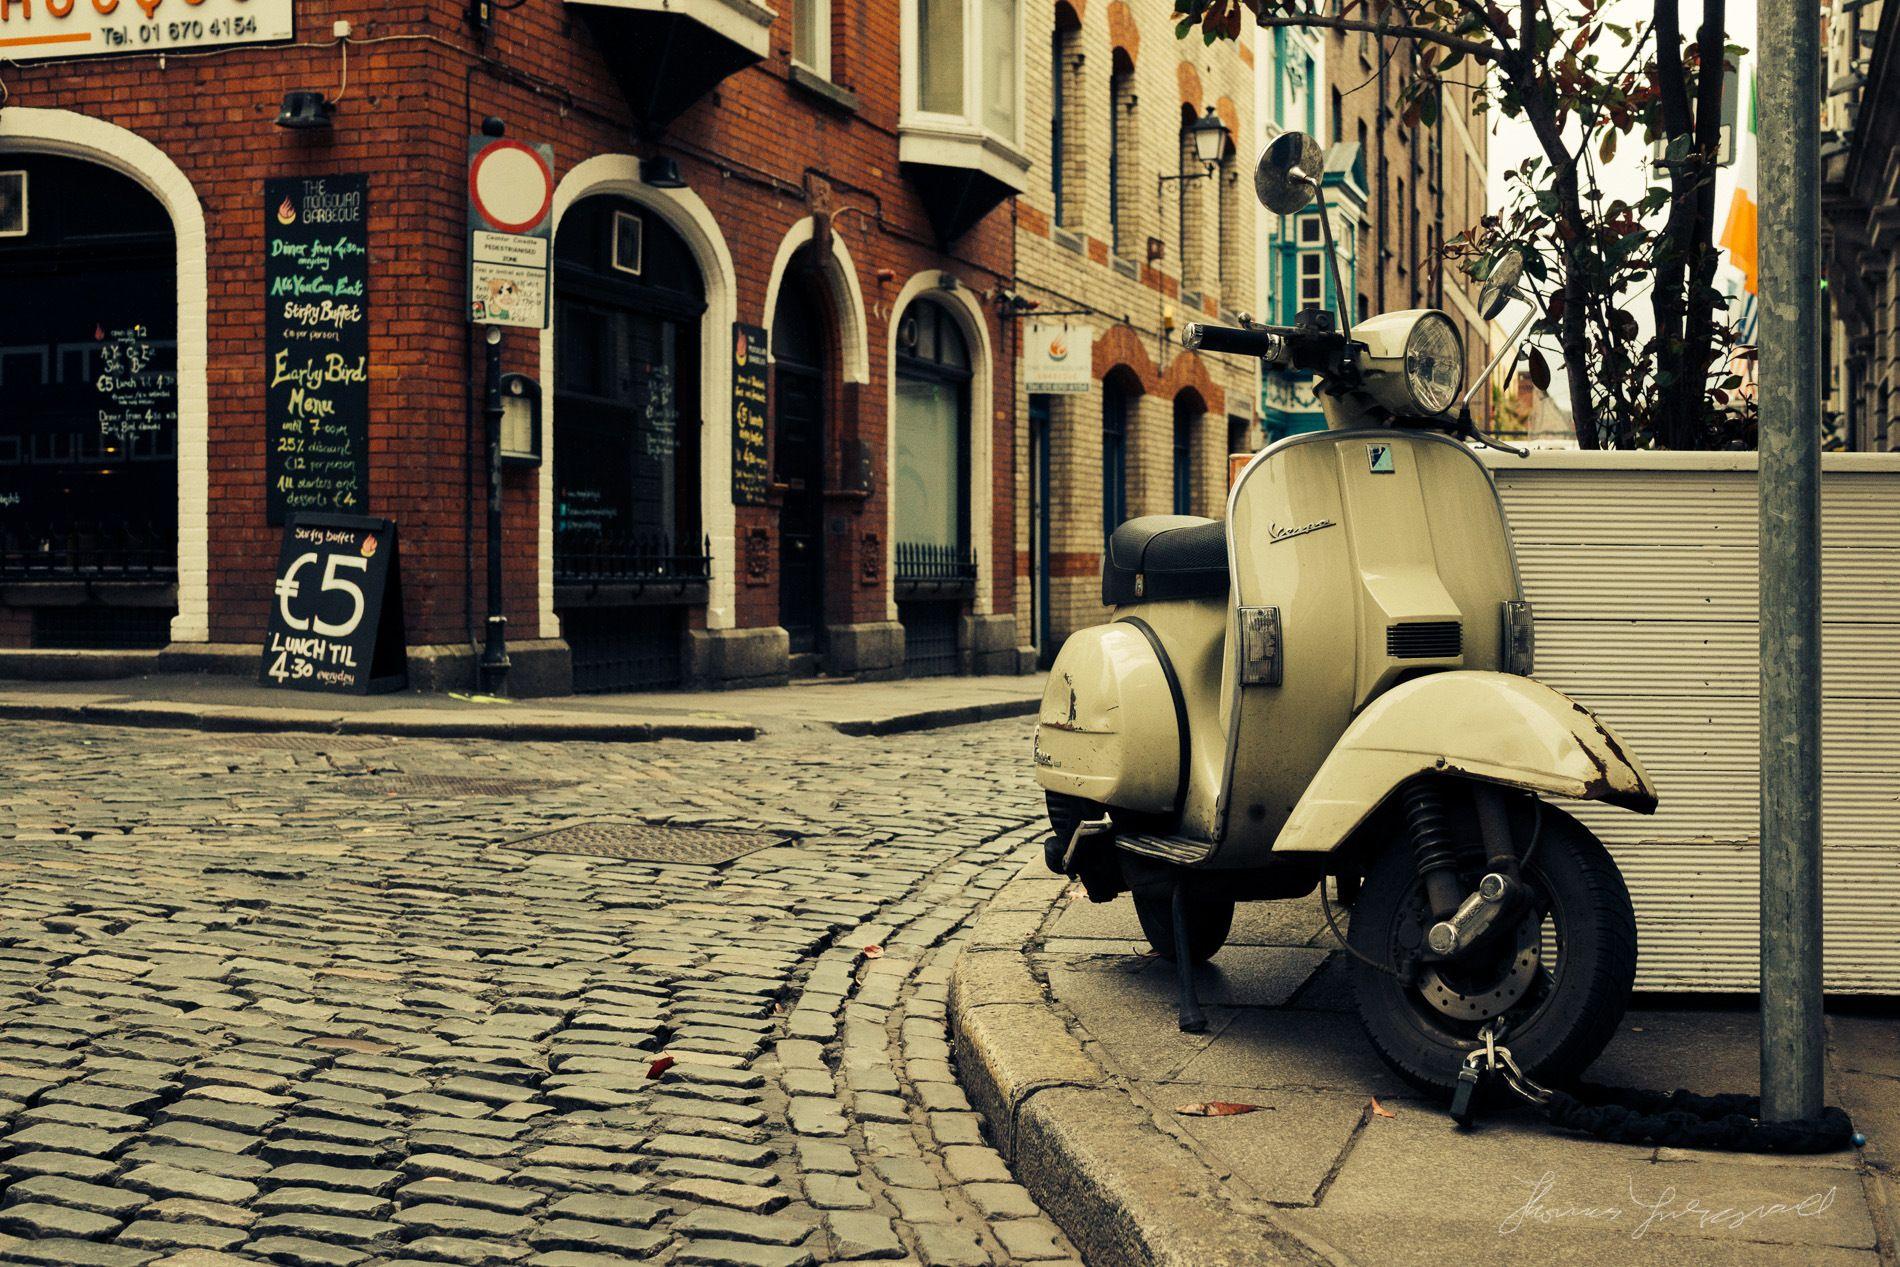 Vespa Wallpapers Wallpaper Vespa Scooters Vespa Piaggio